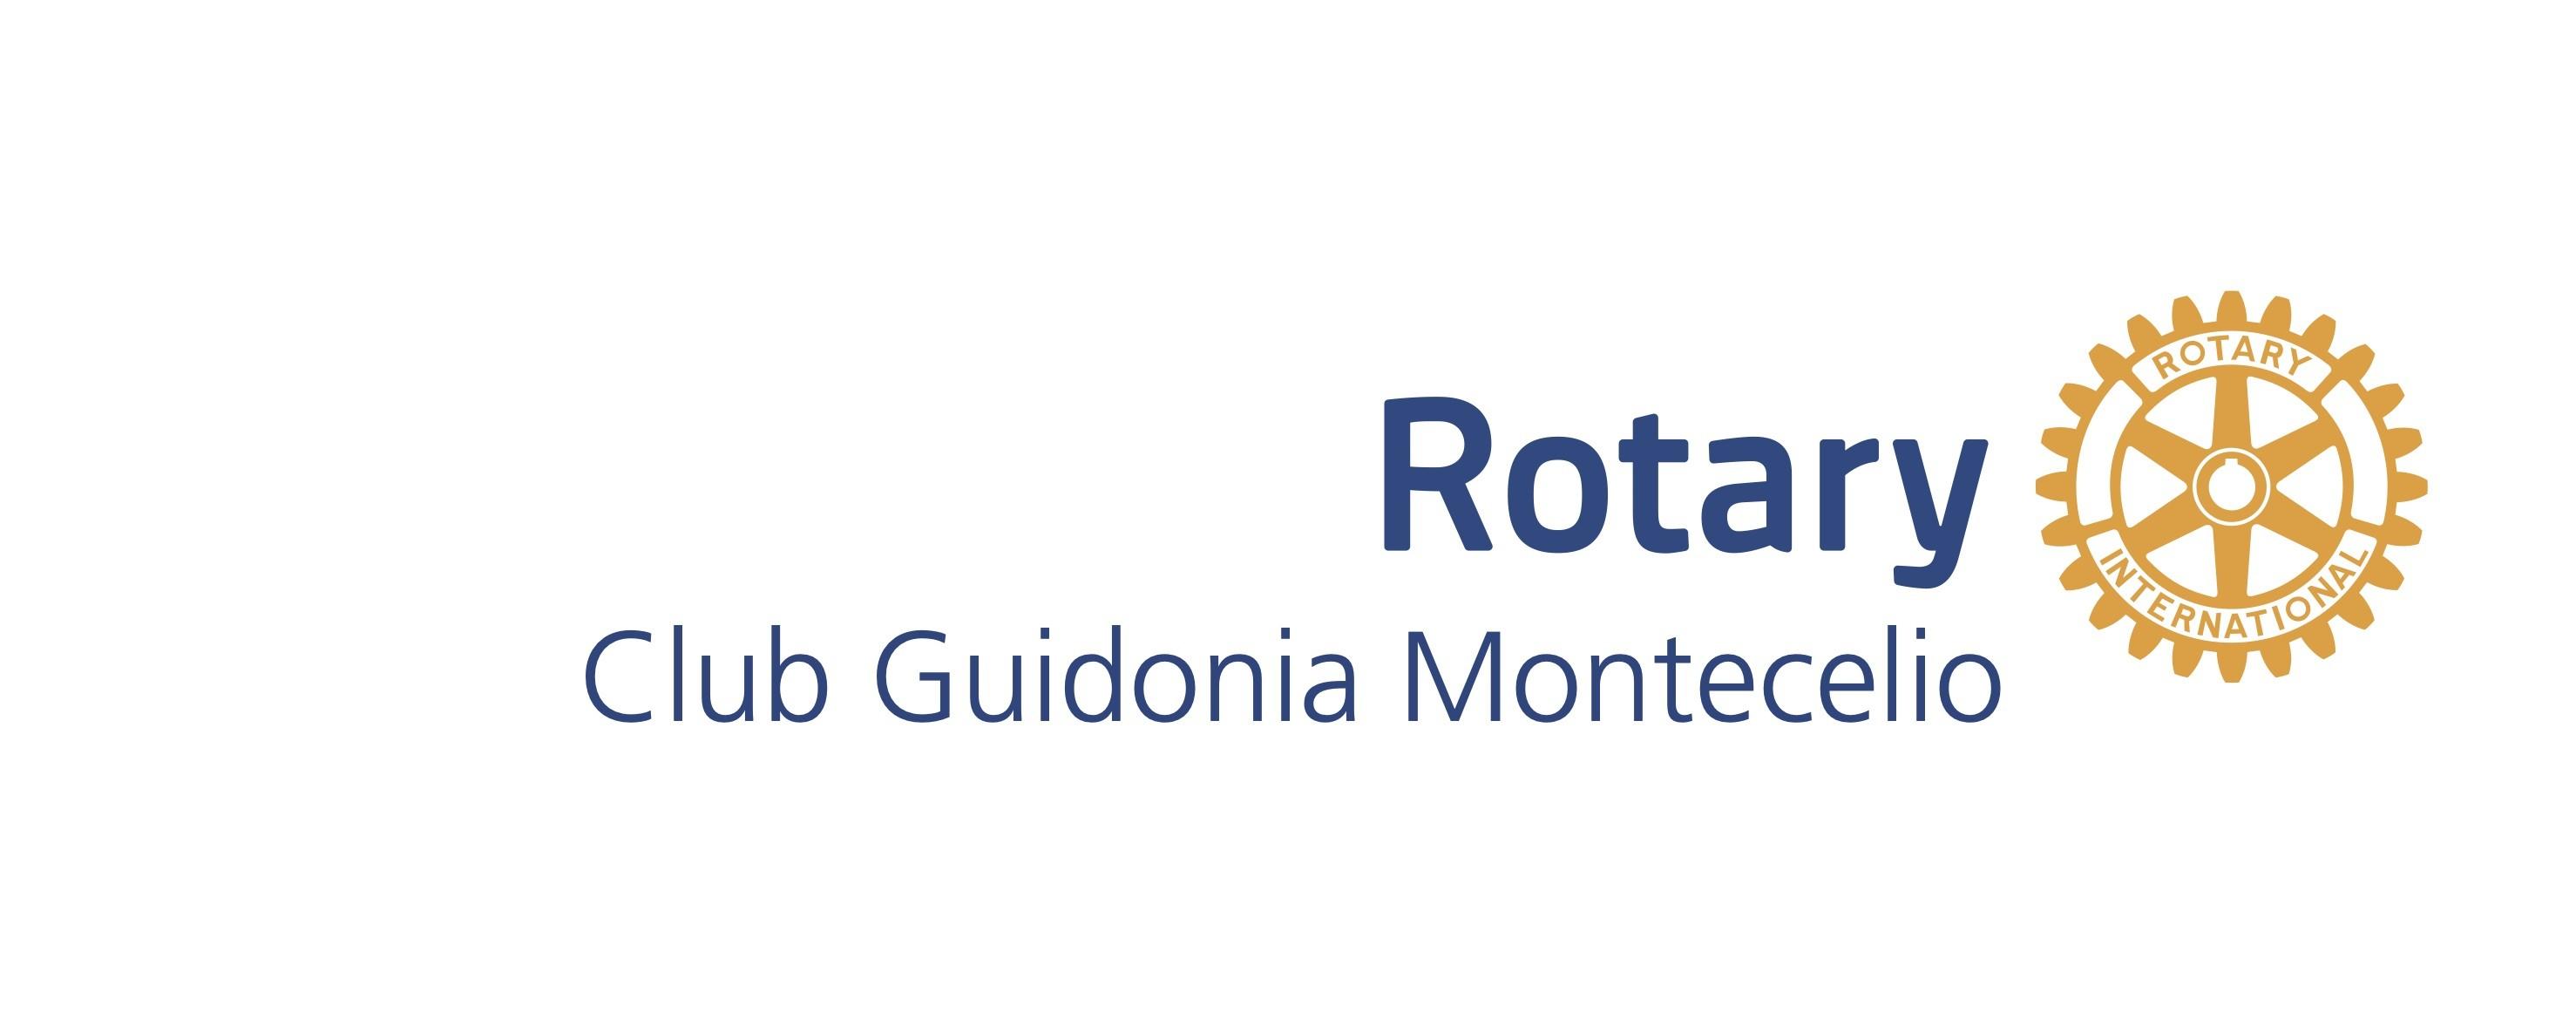 Rete del Dono - Rotary Club Guidonia Montecelio